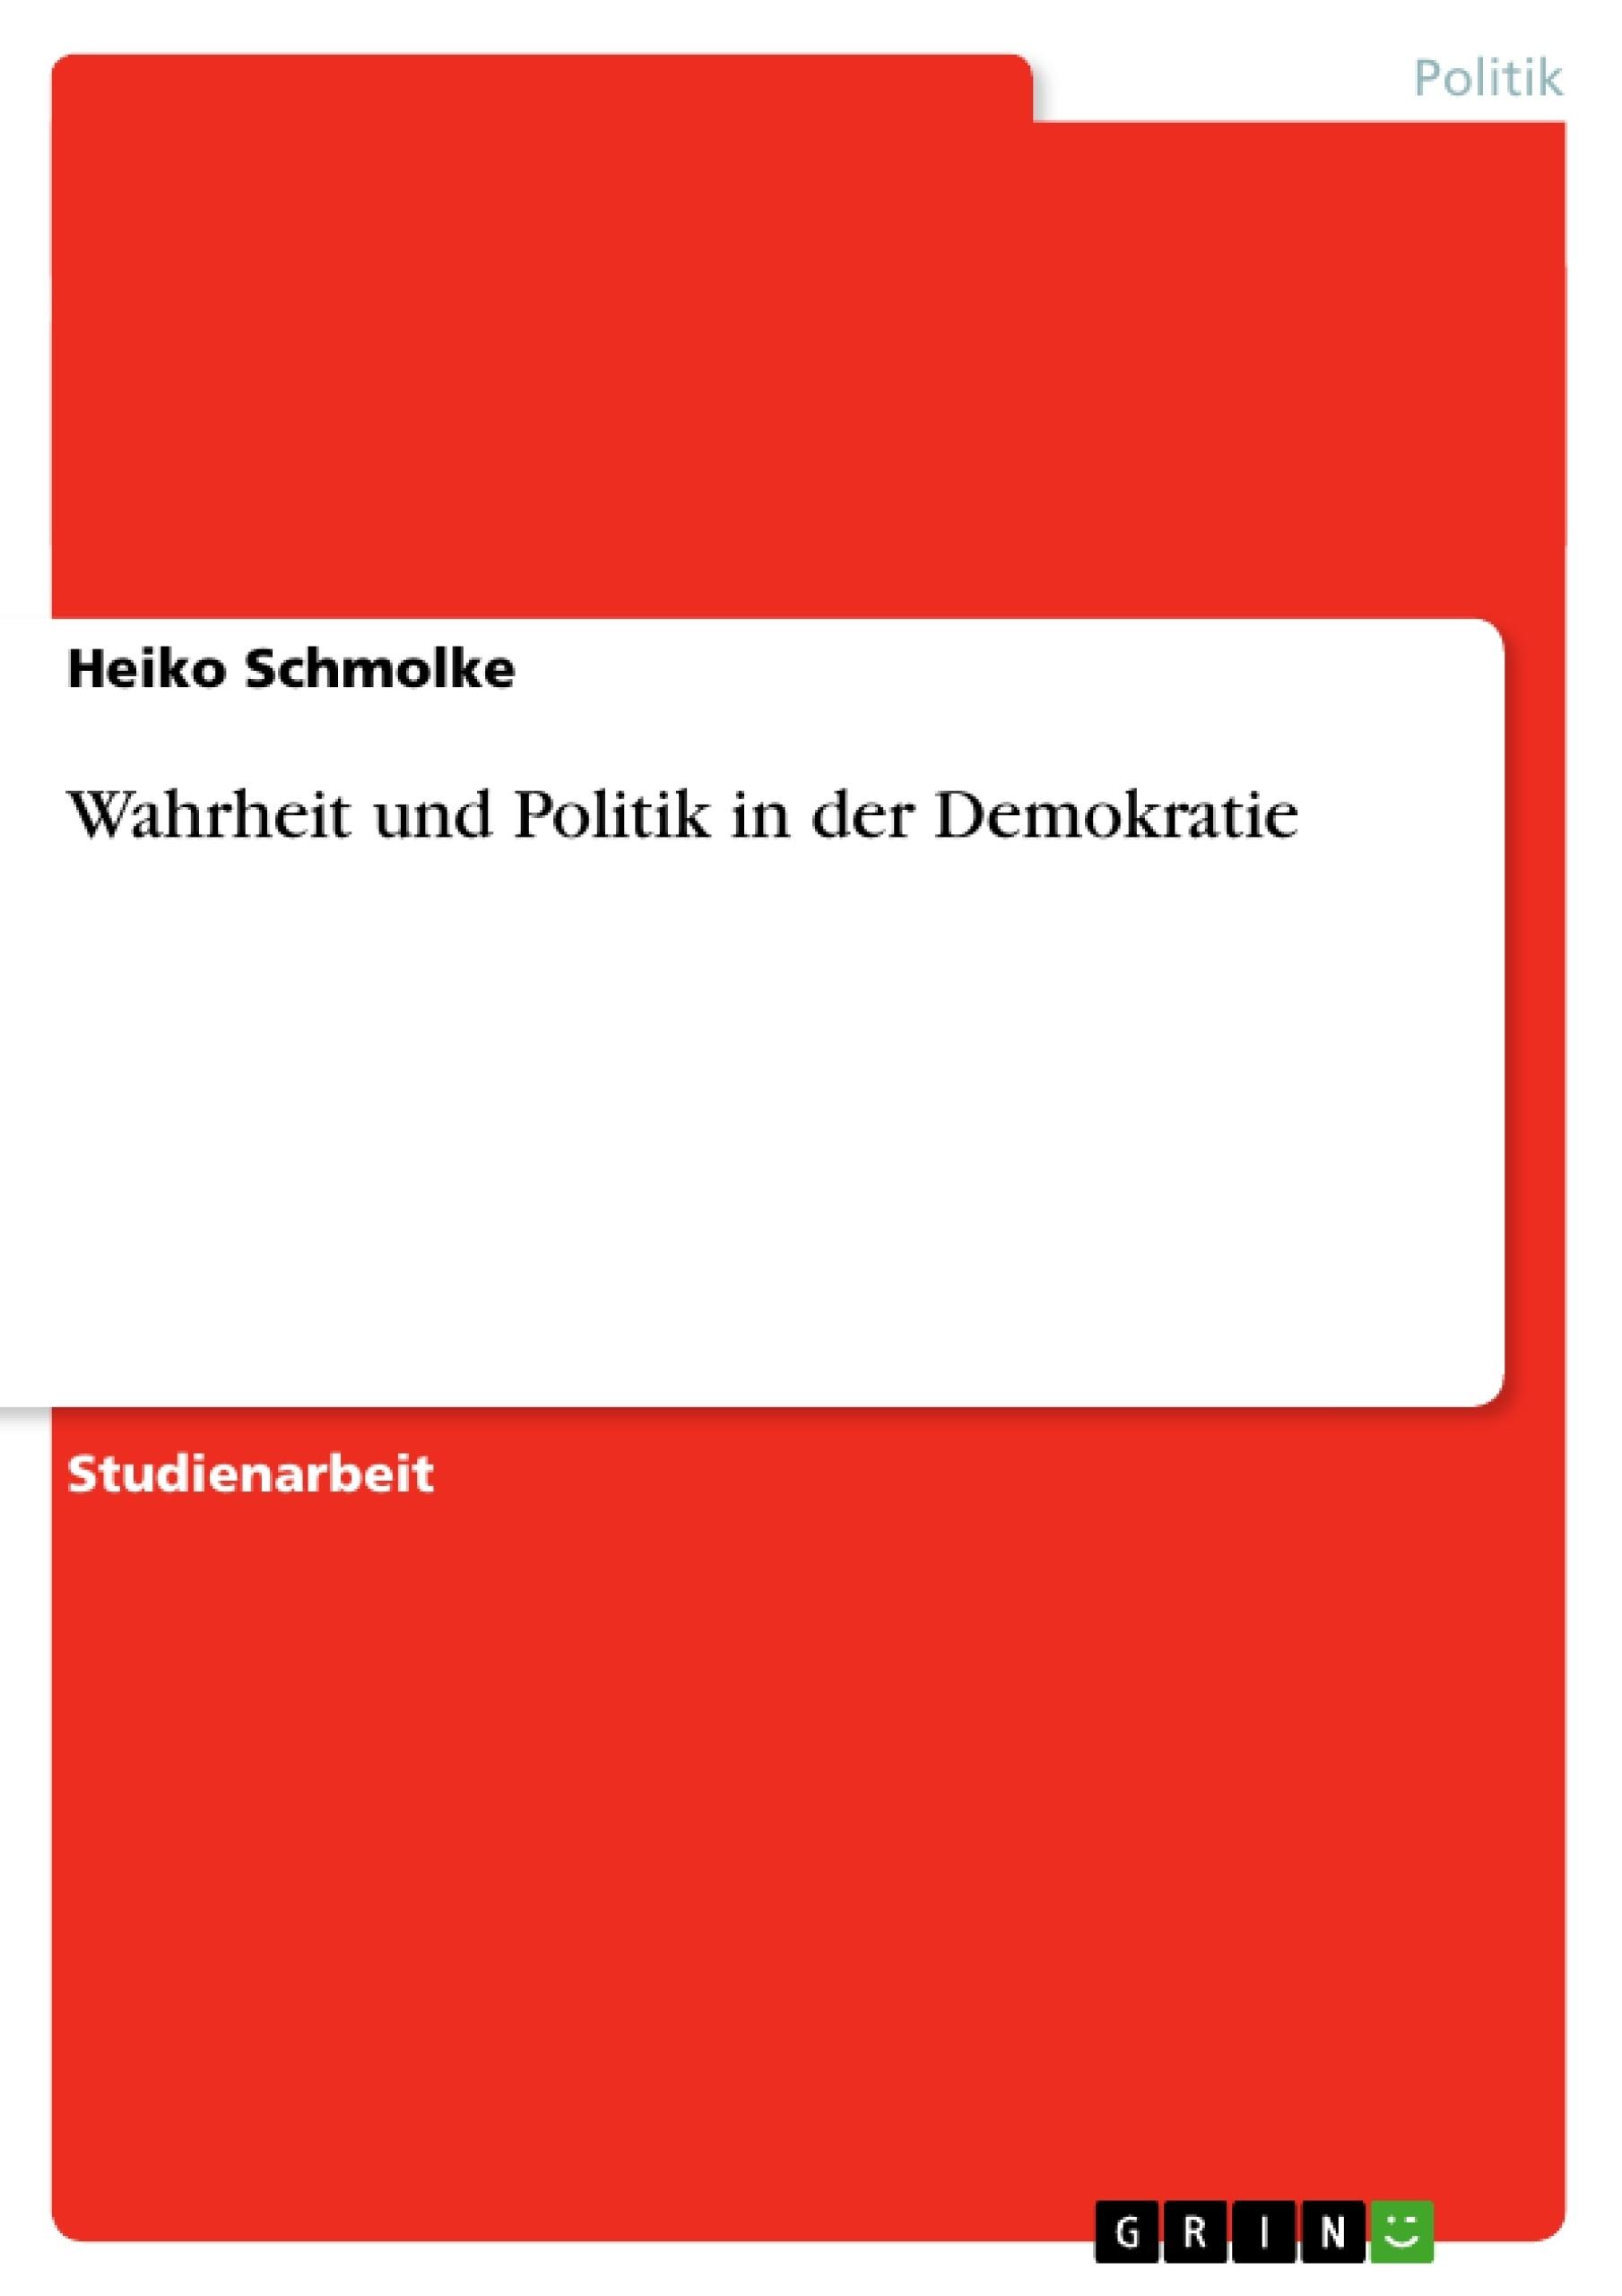 Titel: Wahrheit und Politik in der Demokratie